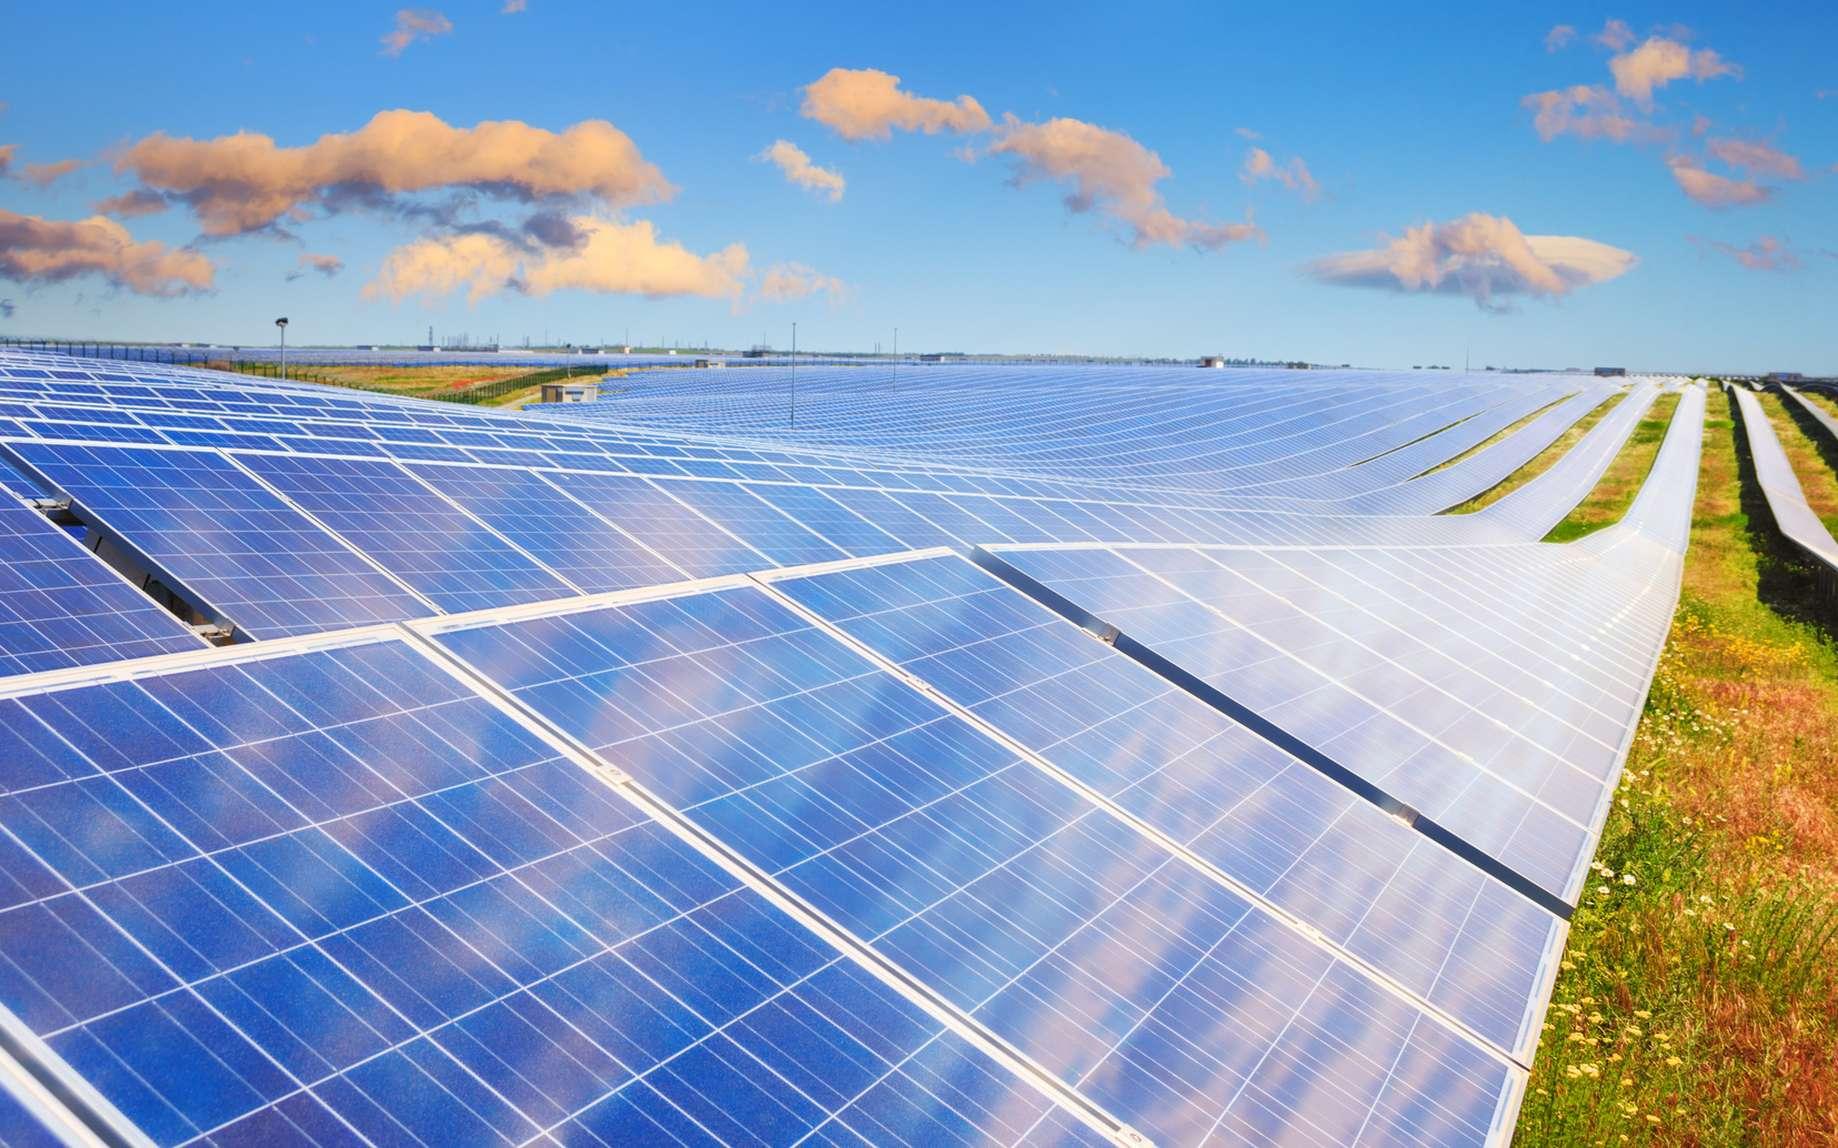 L'ingénieur en énergie renouvelable cherche des terrains compatibles avec l'accueil d'énergies propres et assure leur implantation. © FenrisWolf, Fotolia.